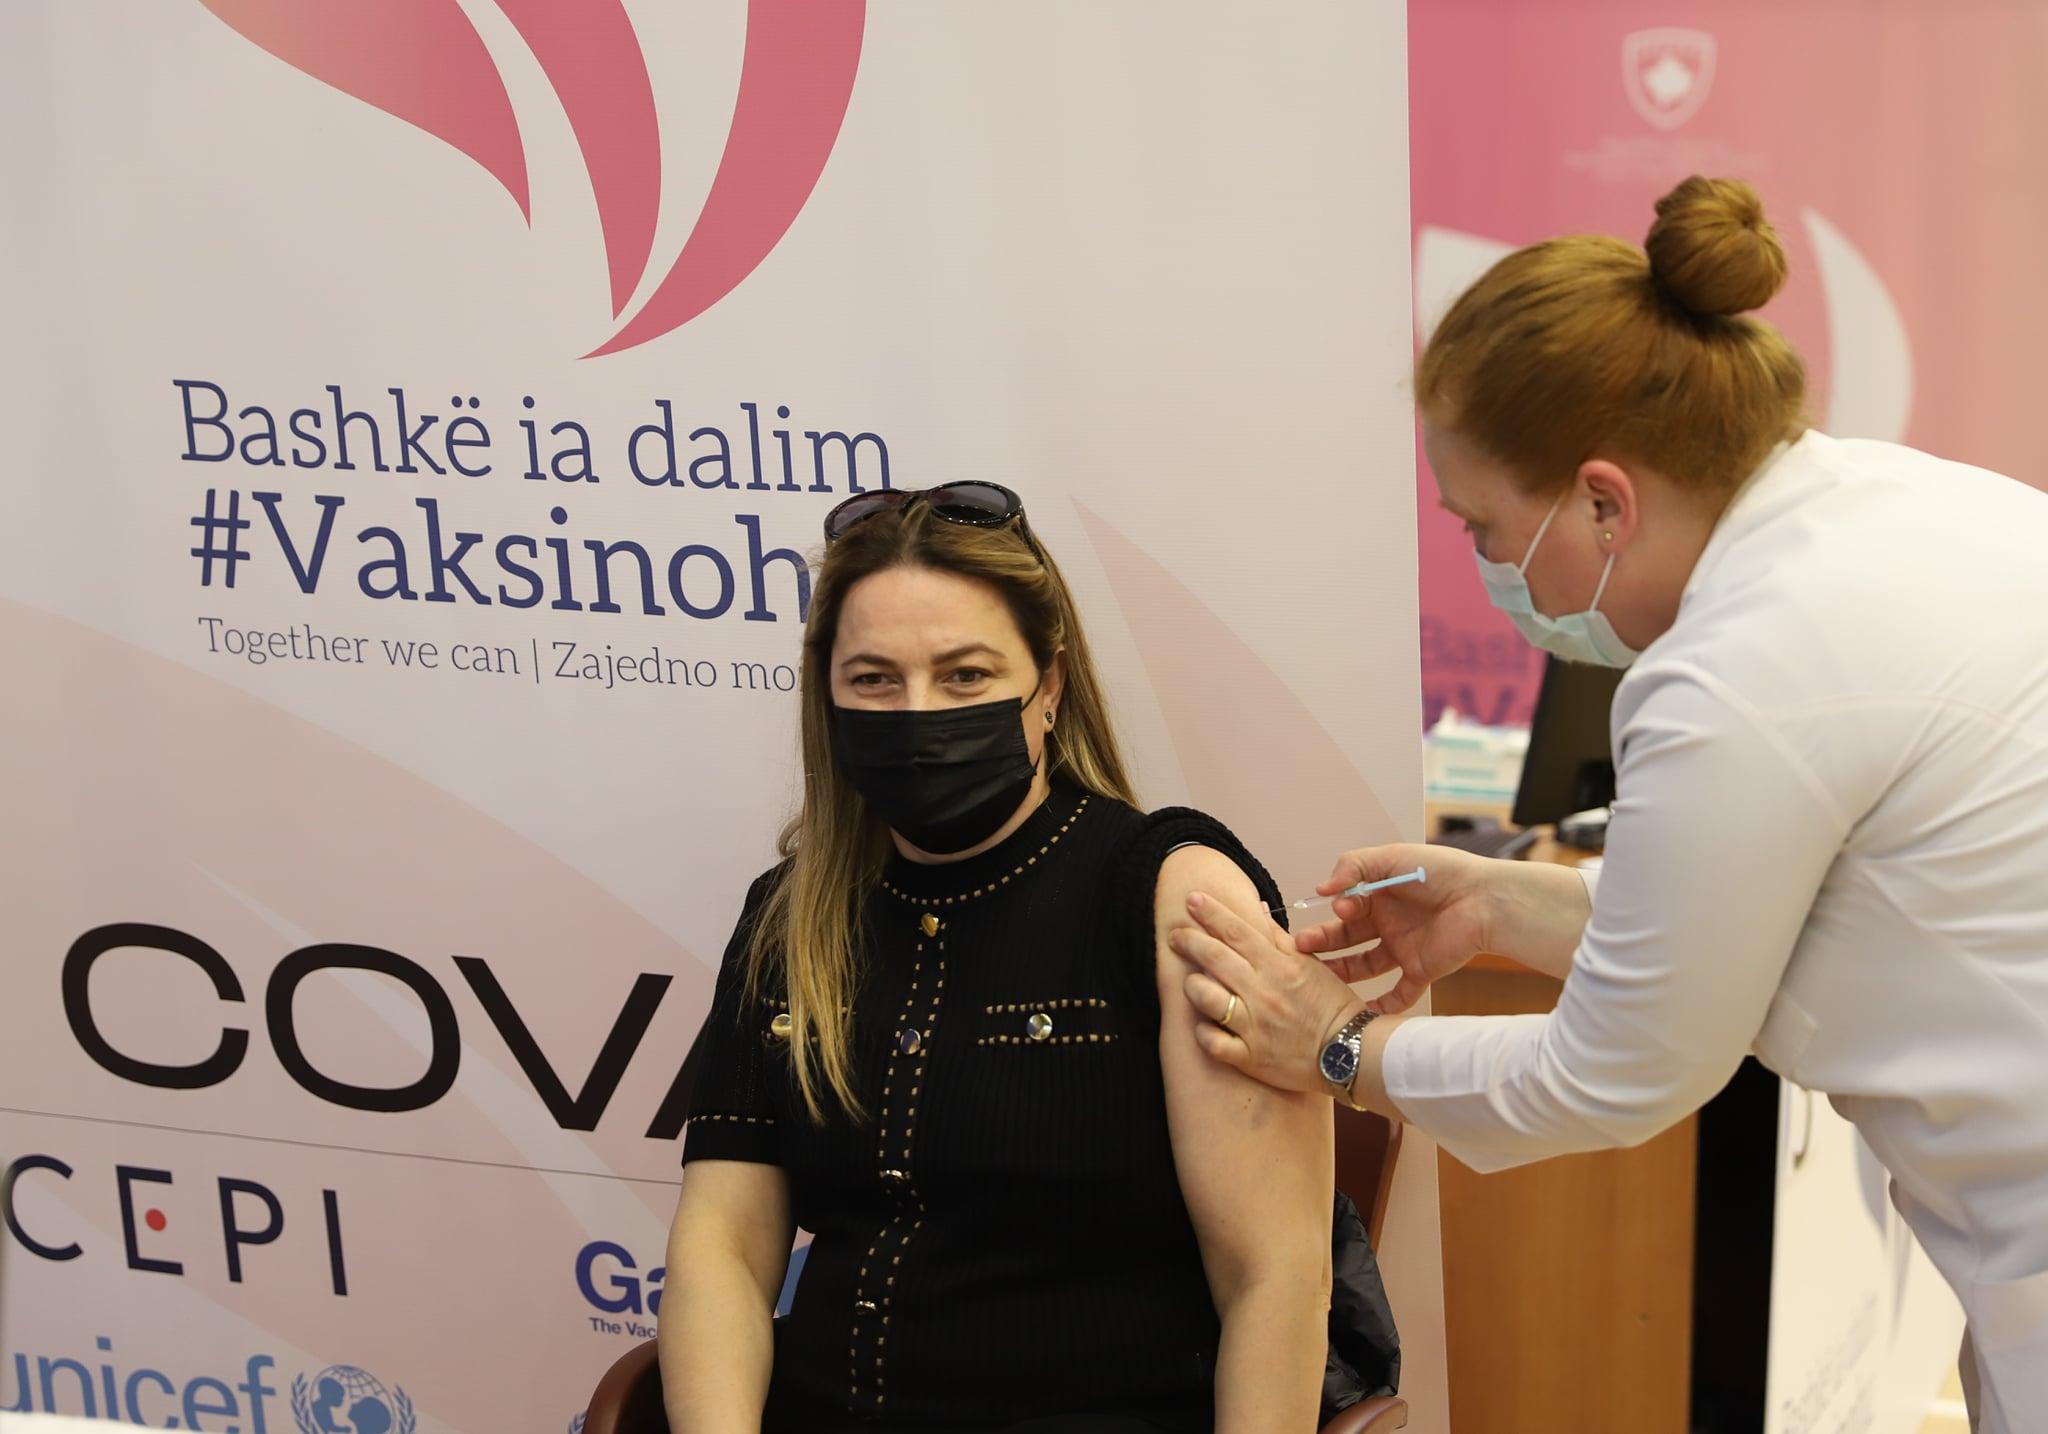 Deri tani janë vaksinuar kundër COVID-19 mbi 2 mijë e 500 punonjës të institucioneve shëndetësore